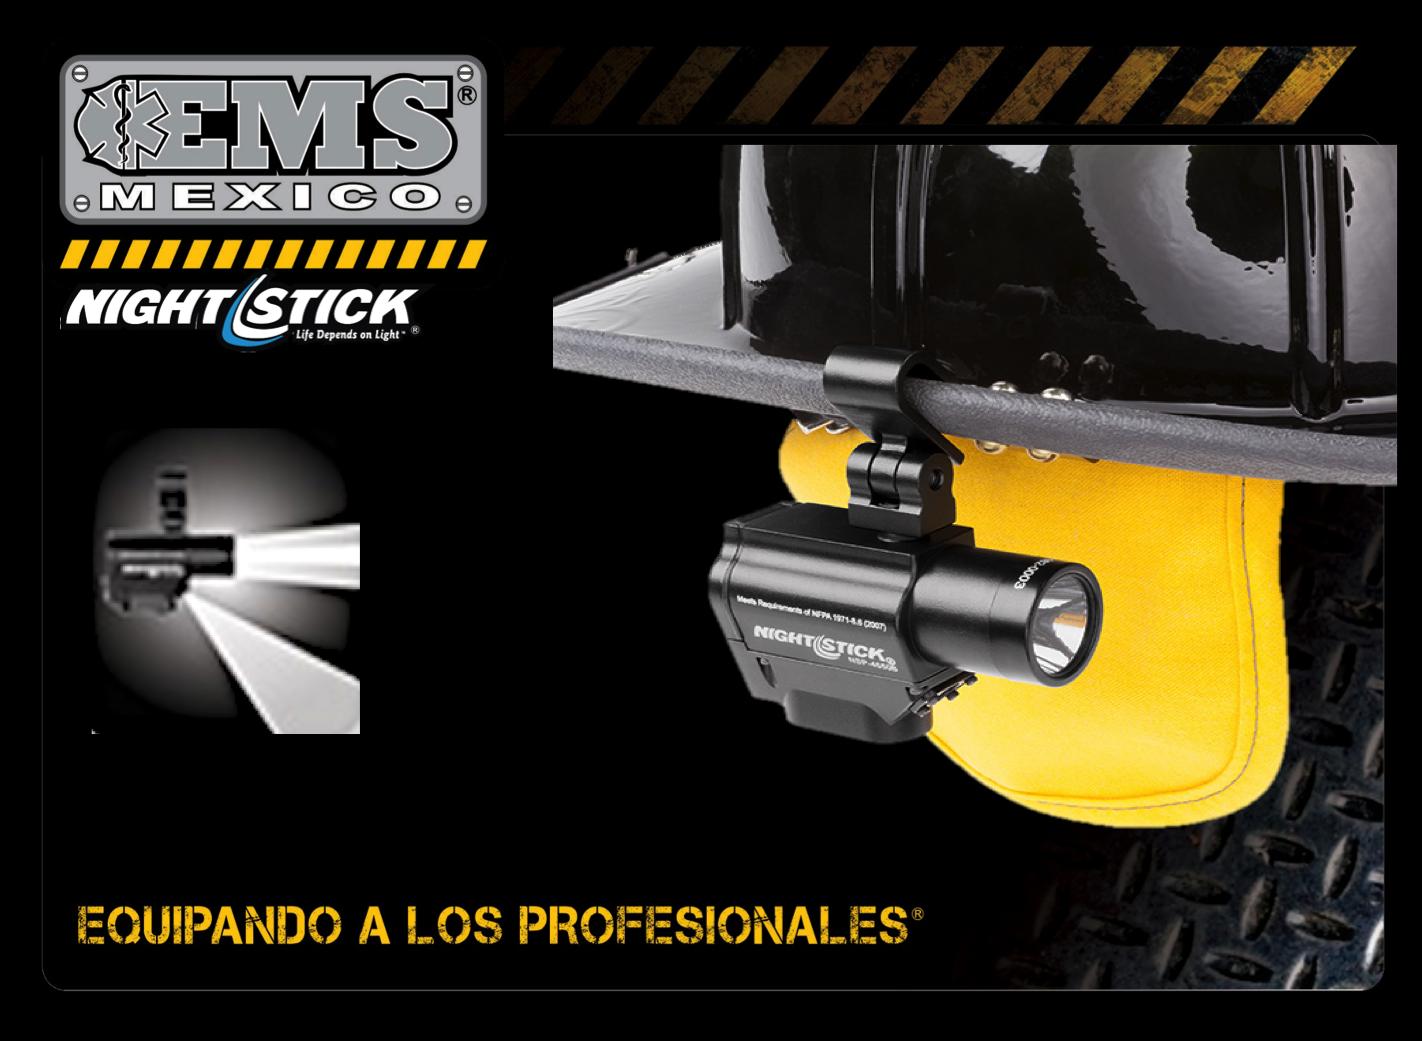 #EMSTip Iluminación manos libres con ajuste en casco #911NS Nightstick  #SoyEMS EMS Mexico | Equipando a los Profesionales º Funcionalidad: https://youtu.be/AH8lAfY6iFU º Versatil en iluminación a manos libres. º220 lumens y distancia de iluminación 183m  º Lumens Principal 220/100/30, Lumens secundaria: 100/50/15. Distancia de iluminación de la lámpara principal: 183/120/59m. Tiempo de uso coninuo de la lámpara Principal: 3.5hr/10hr/33,5hr.